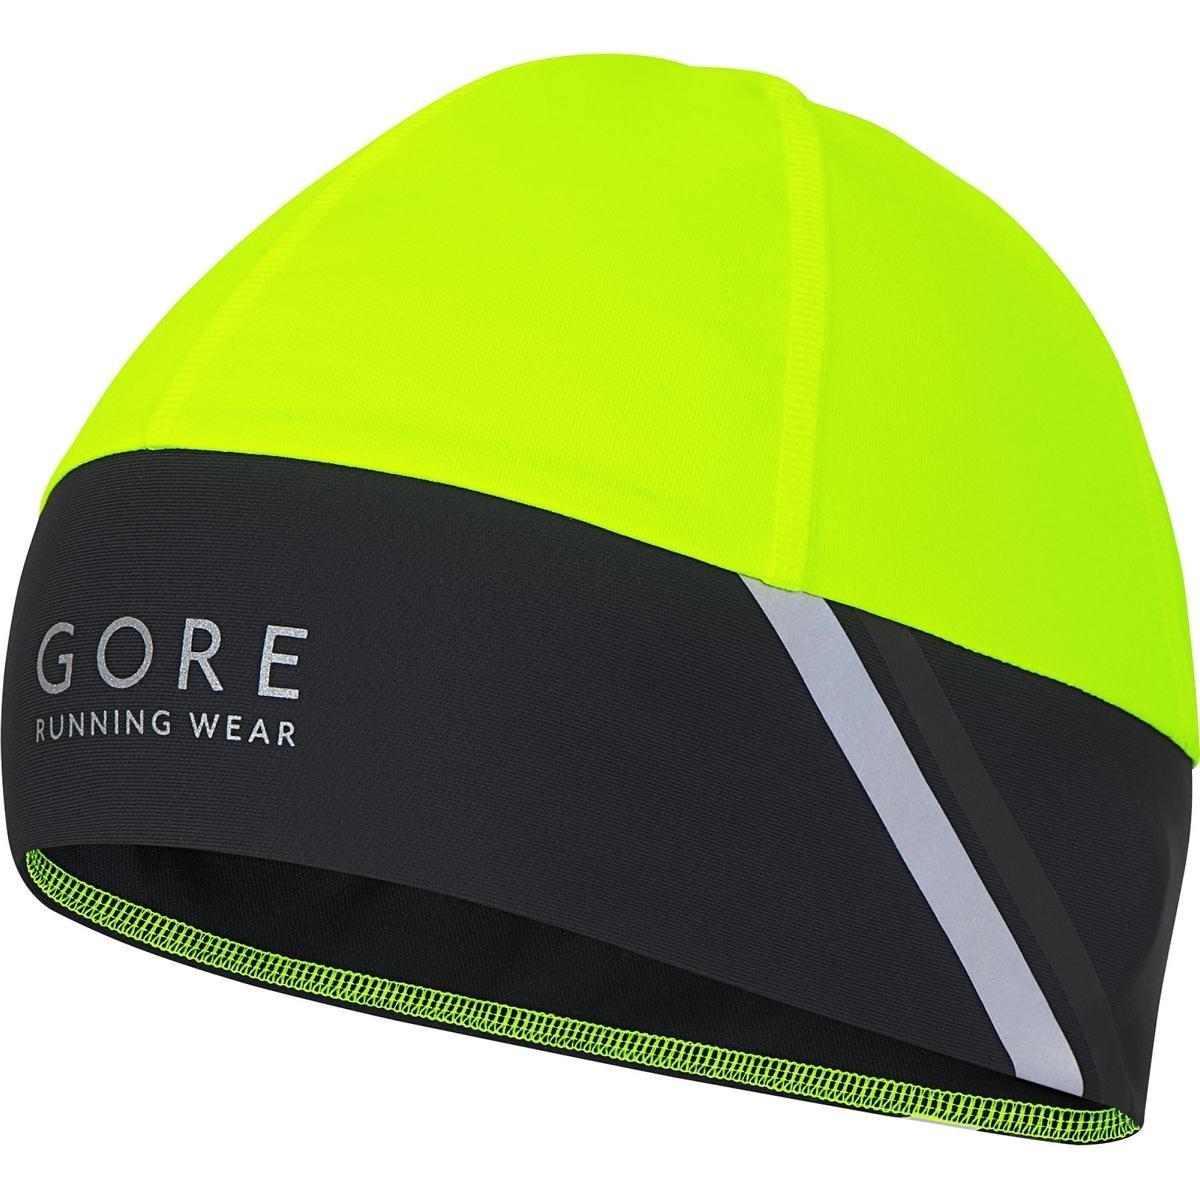 Gore Running Wear, Gorro de Correr para Hombre, Resistente al Viento, Selected Fabrics, Mythos 2.0 WS Amarillo/Negro Talla única HMYTBN089902